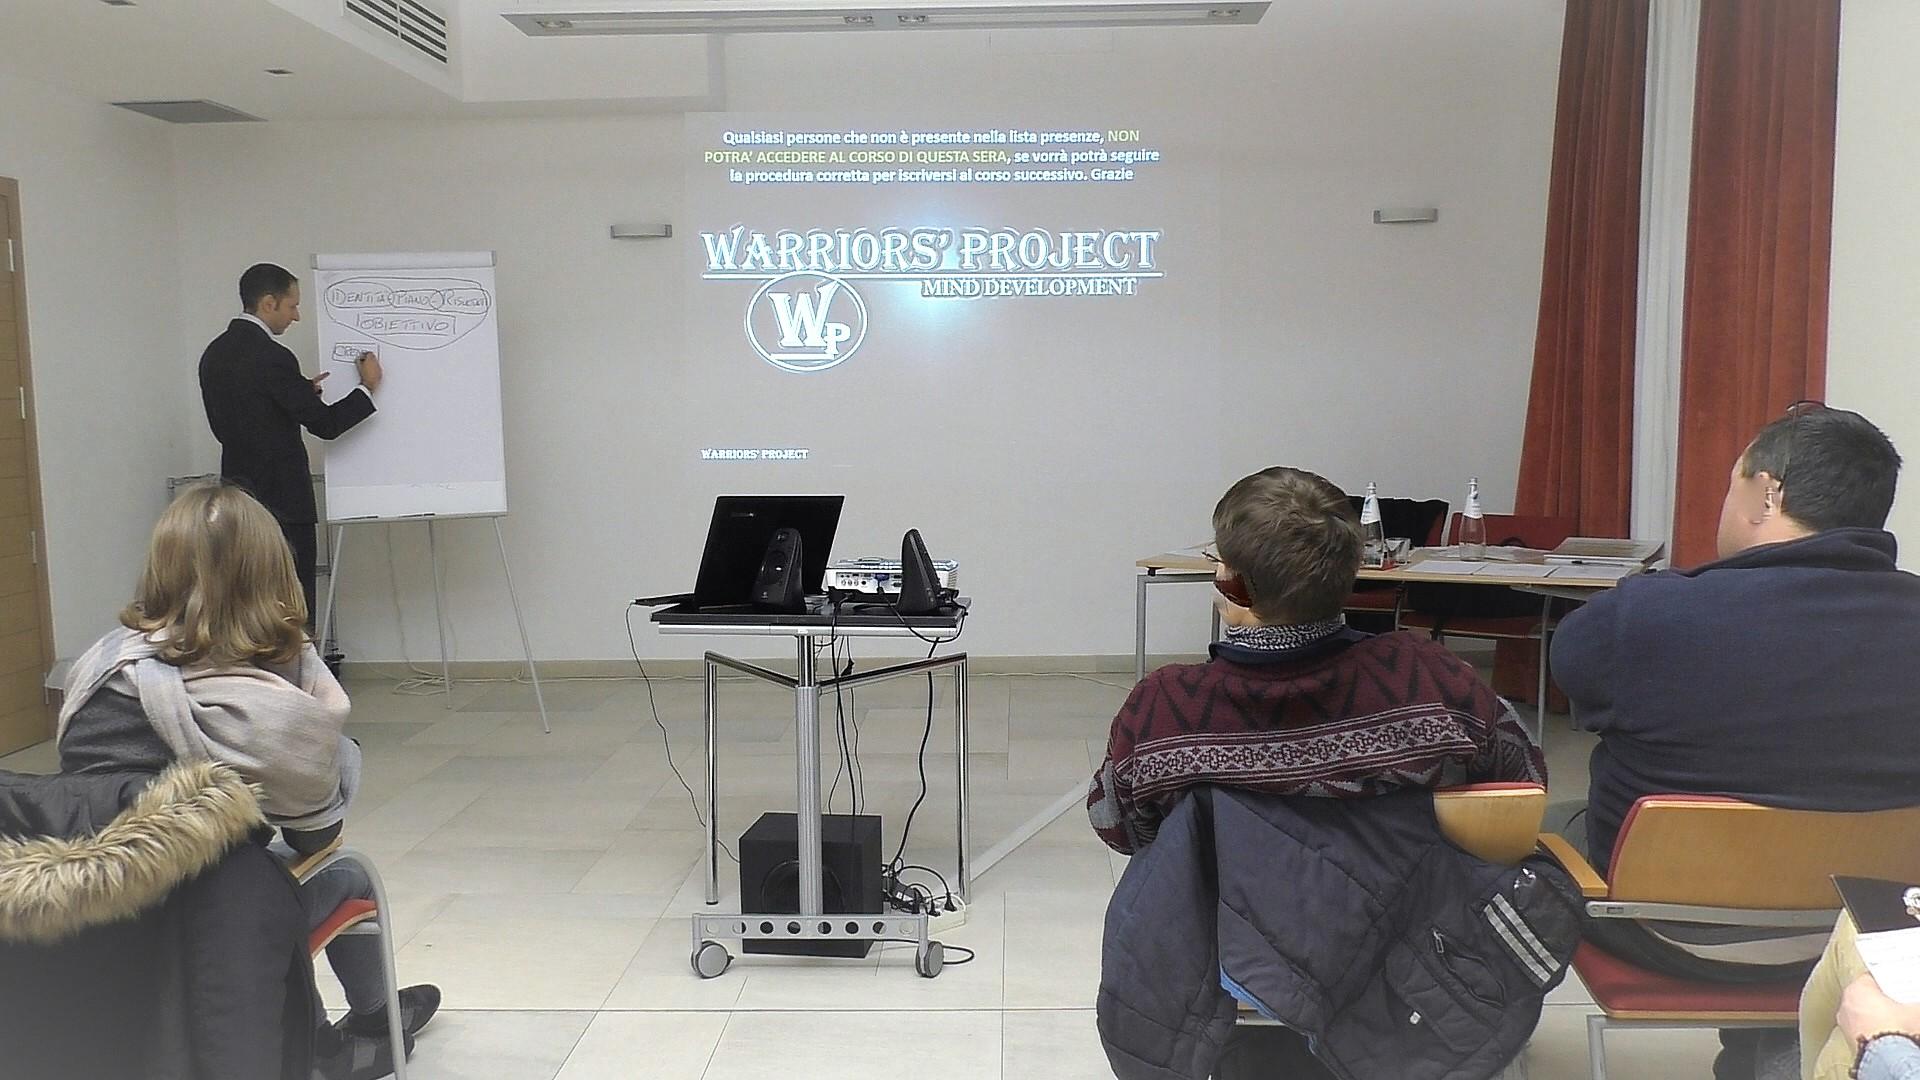 corso di formazione parma warriors project leadership emozioni superare limiti comunicazione ansia stess migliorare obiettivi strategia successo vincenzo cento 997 reggio emilia